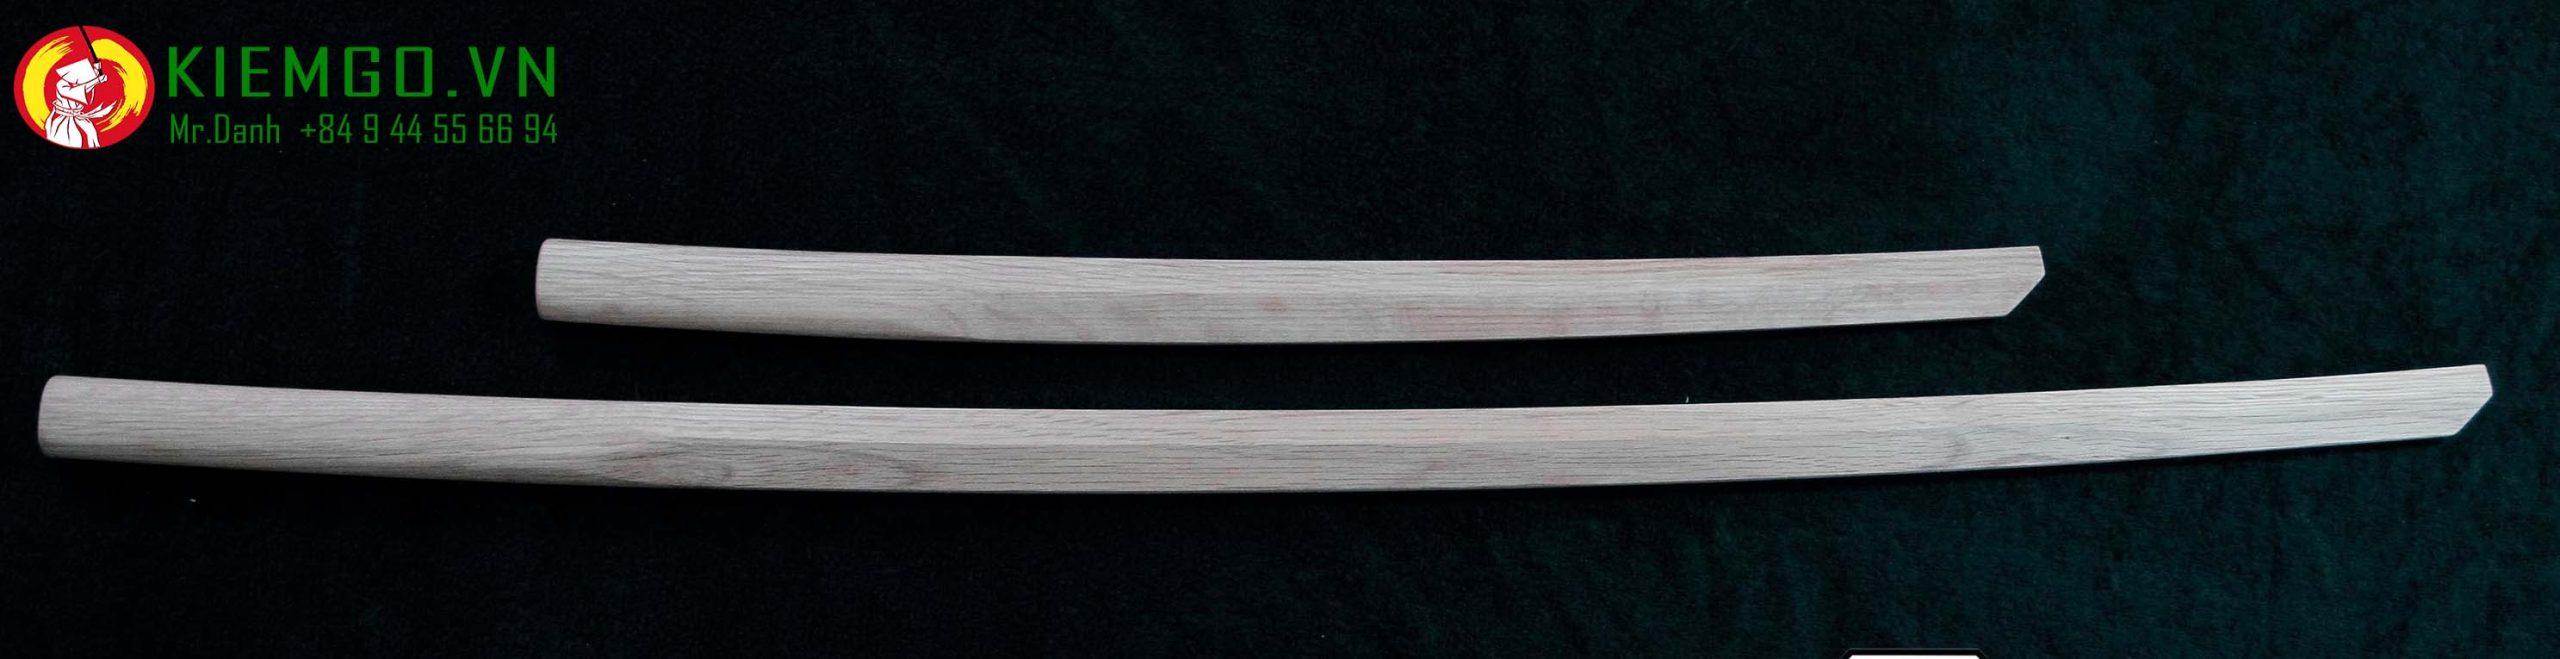 Wakizashi gỗ sồi - Mẫu Niten Ichi Ryu